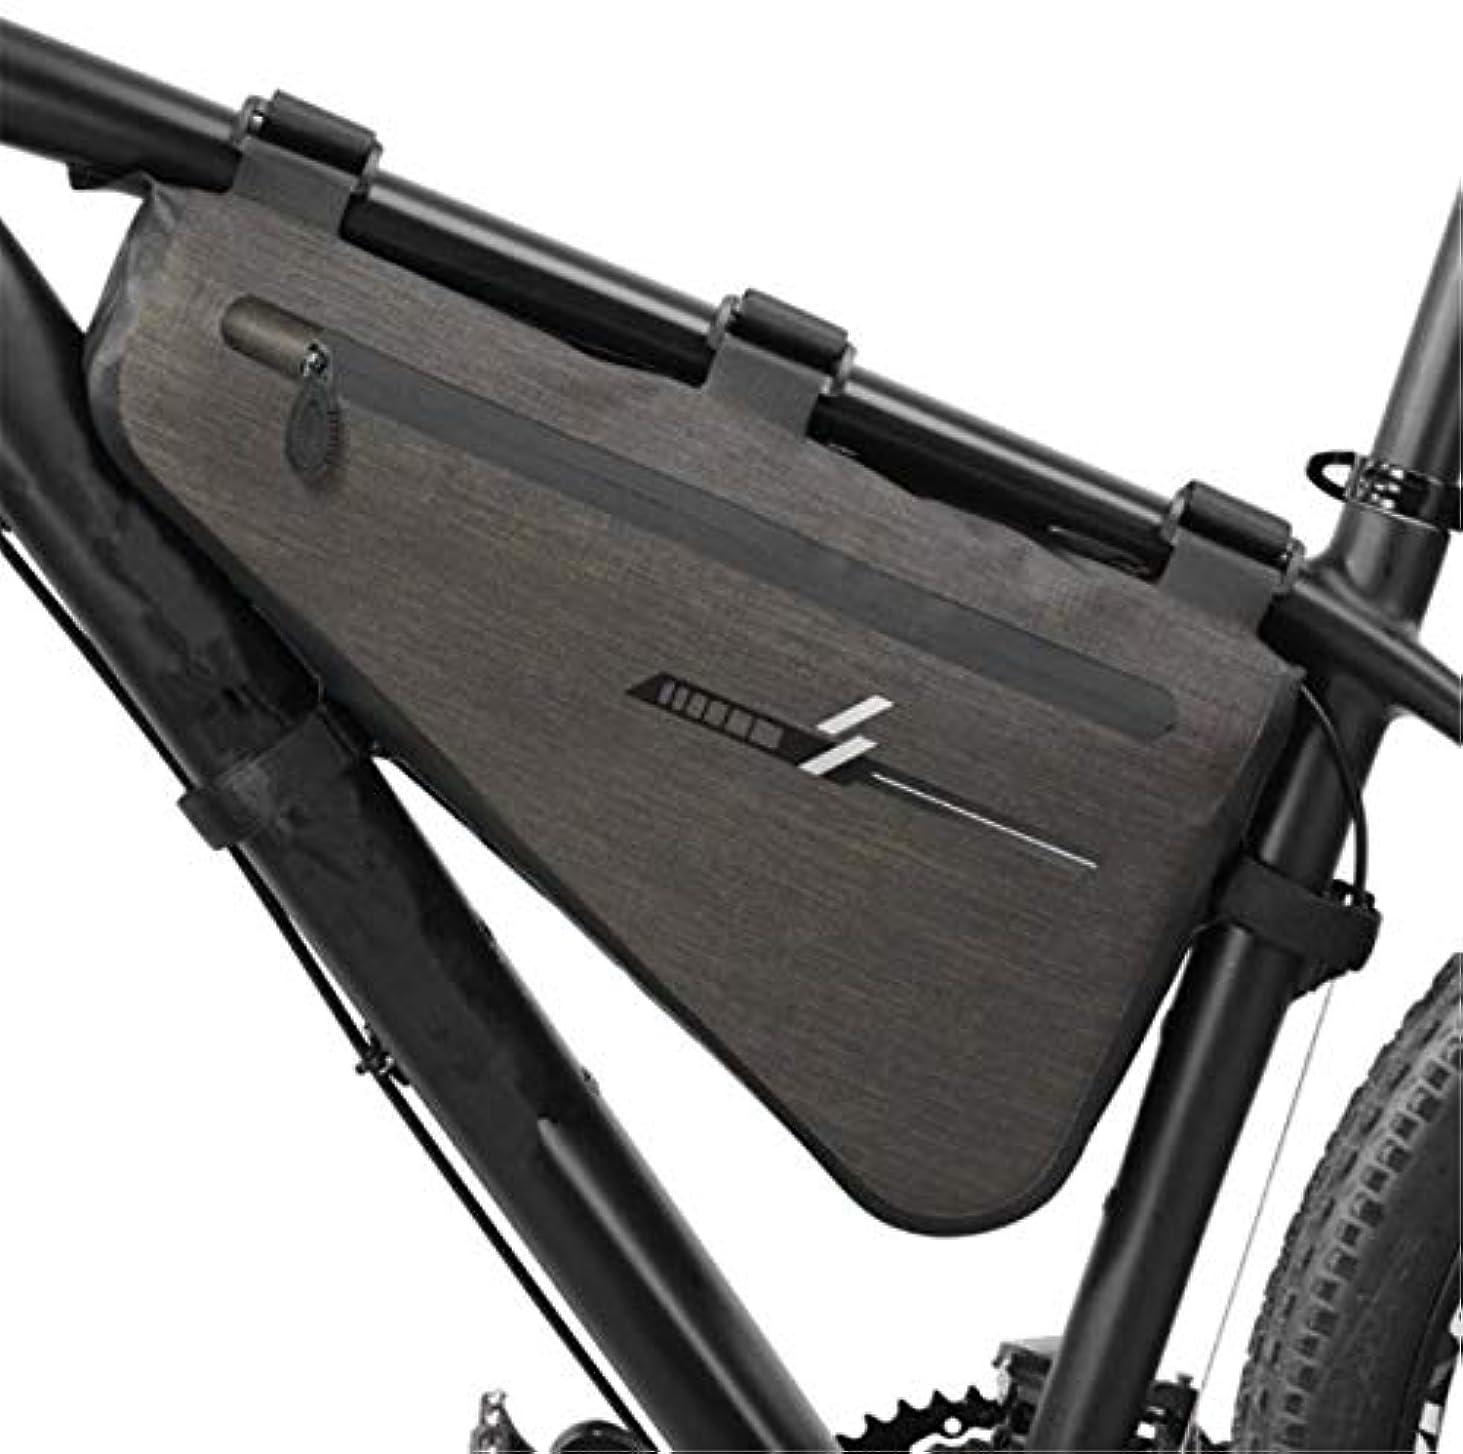 完璧合金カエルHOUTBY 自転車フレーム トップチューブバッグ 三角形 フロントストレージ 防水 自転車ハンドルバー 携帯電話ポーチ